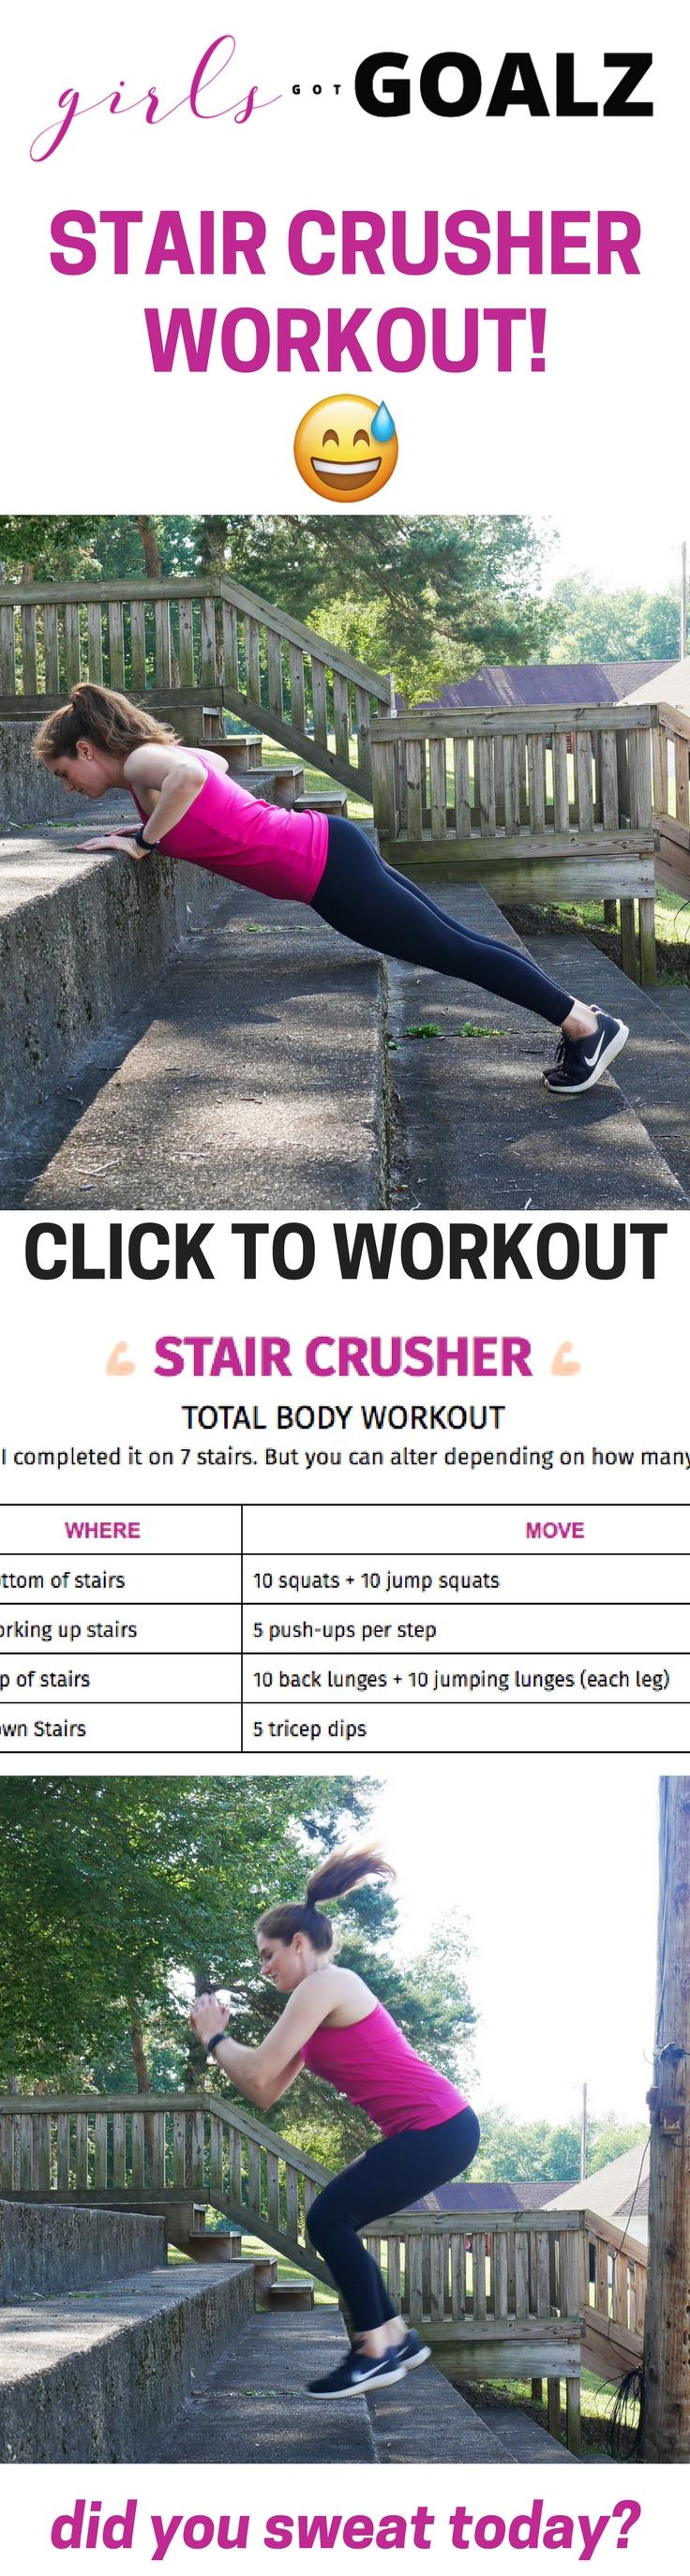 Stair Crusher Workout from Girls Got Goalz!